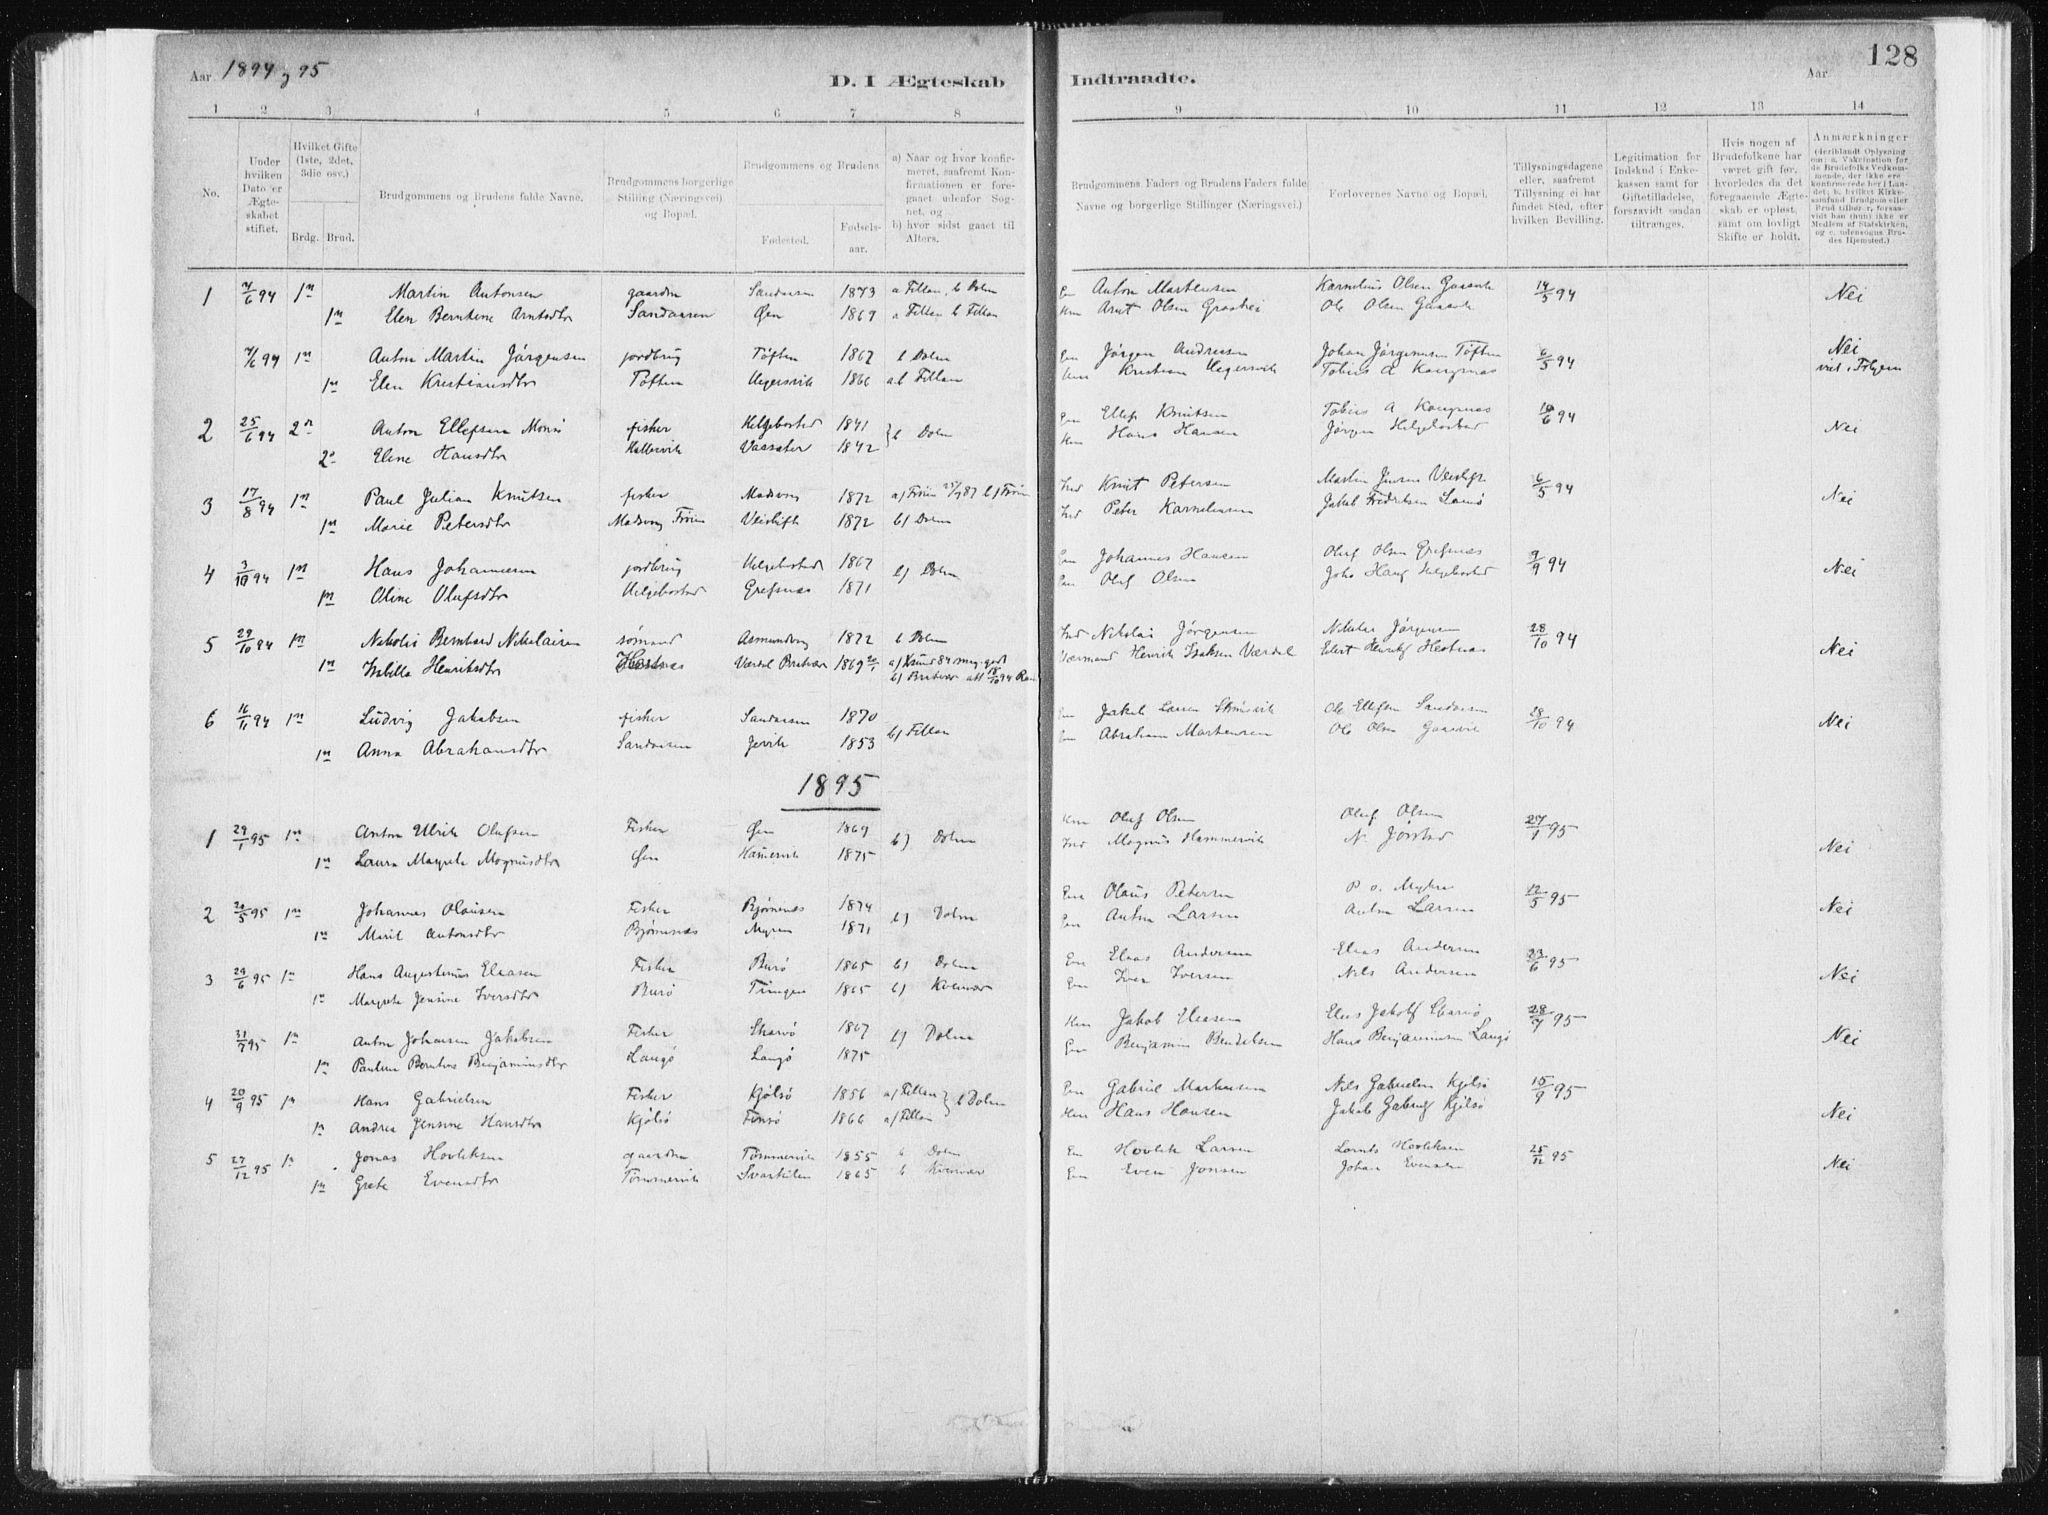 SAT, Ministerialprotokoller, klokkerbøker og fødselsregistre - Sør-Trøndelag, 634/L0533: Ministerialbok nr. 634A09, 1882-1901, s. 128